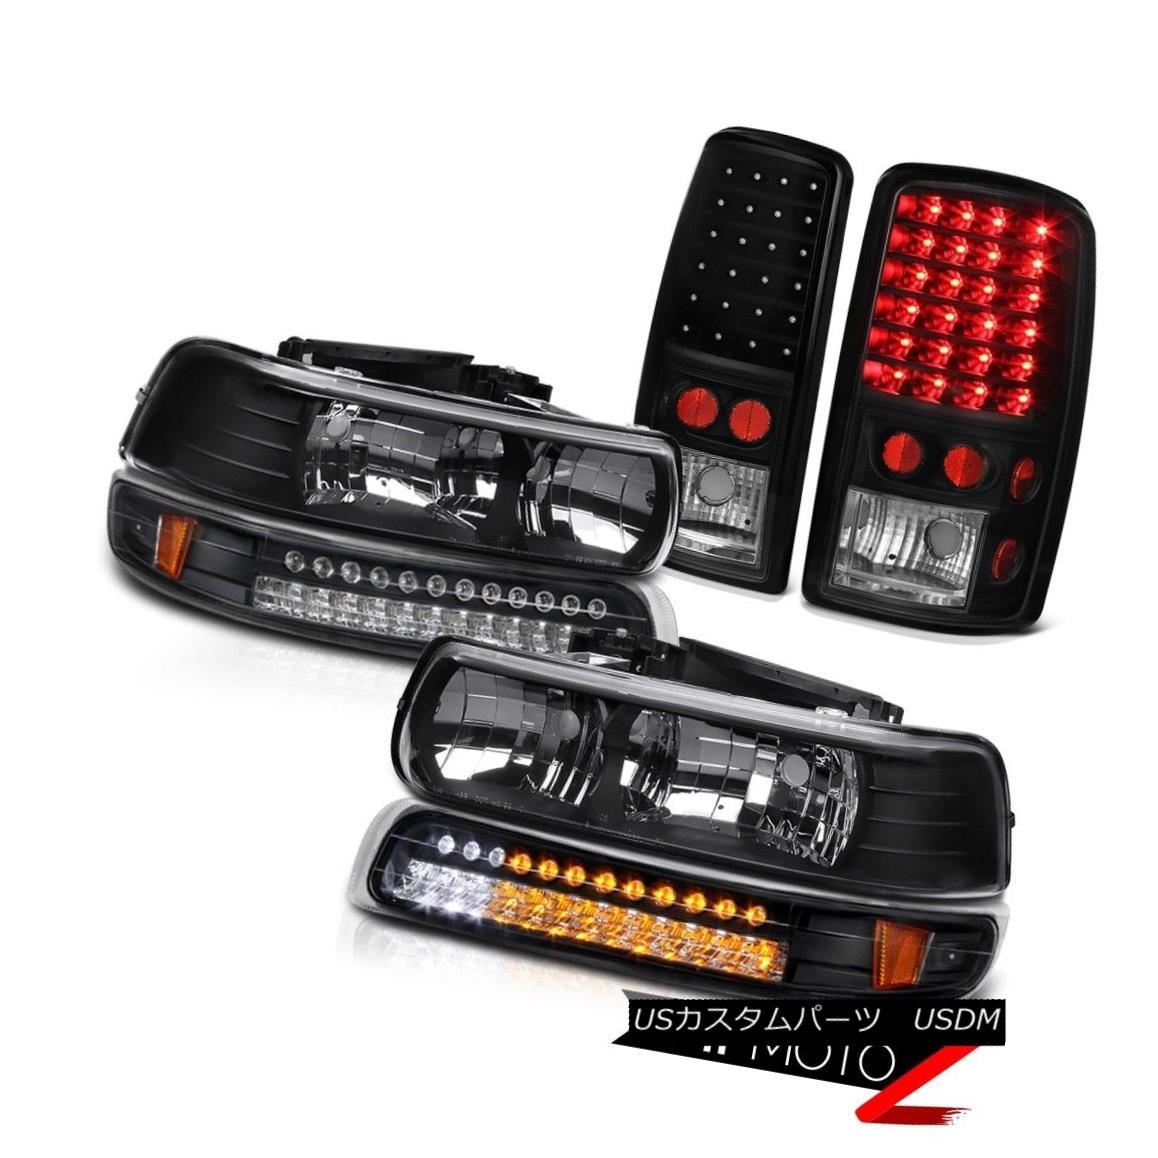 ヘッドライト 00-06 Tahoe 5.3L Left Right Headlights LED Onyx Black Bumper Bulbs Tail Lights 00-06 Tahoe 5.3L左ライトヘッドライトLEDオニキスブラックバンパーバルブテールライト